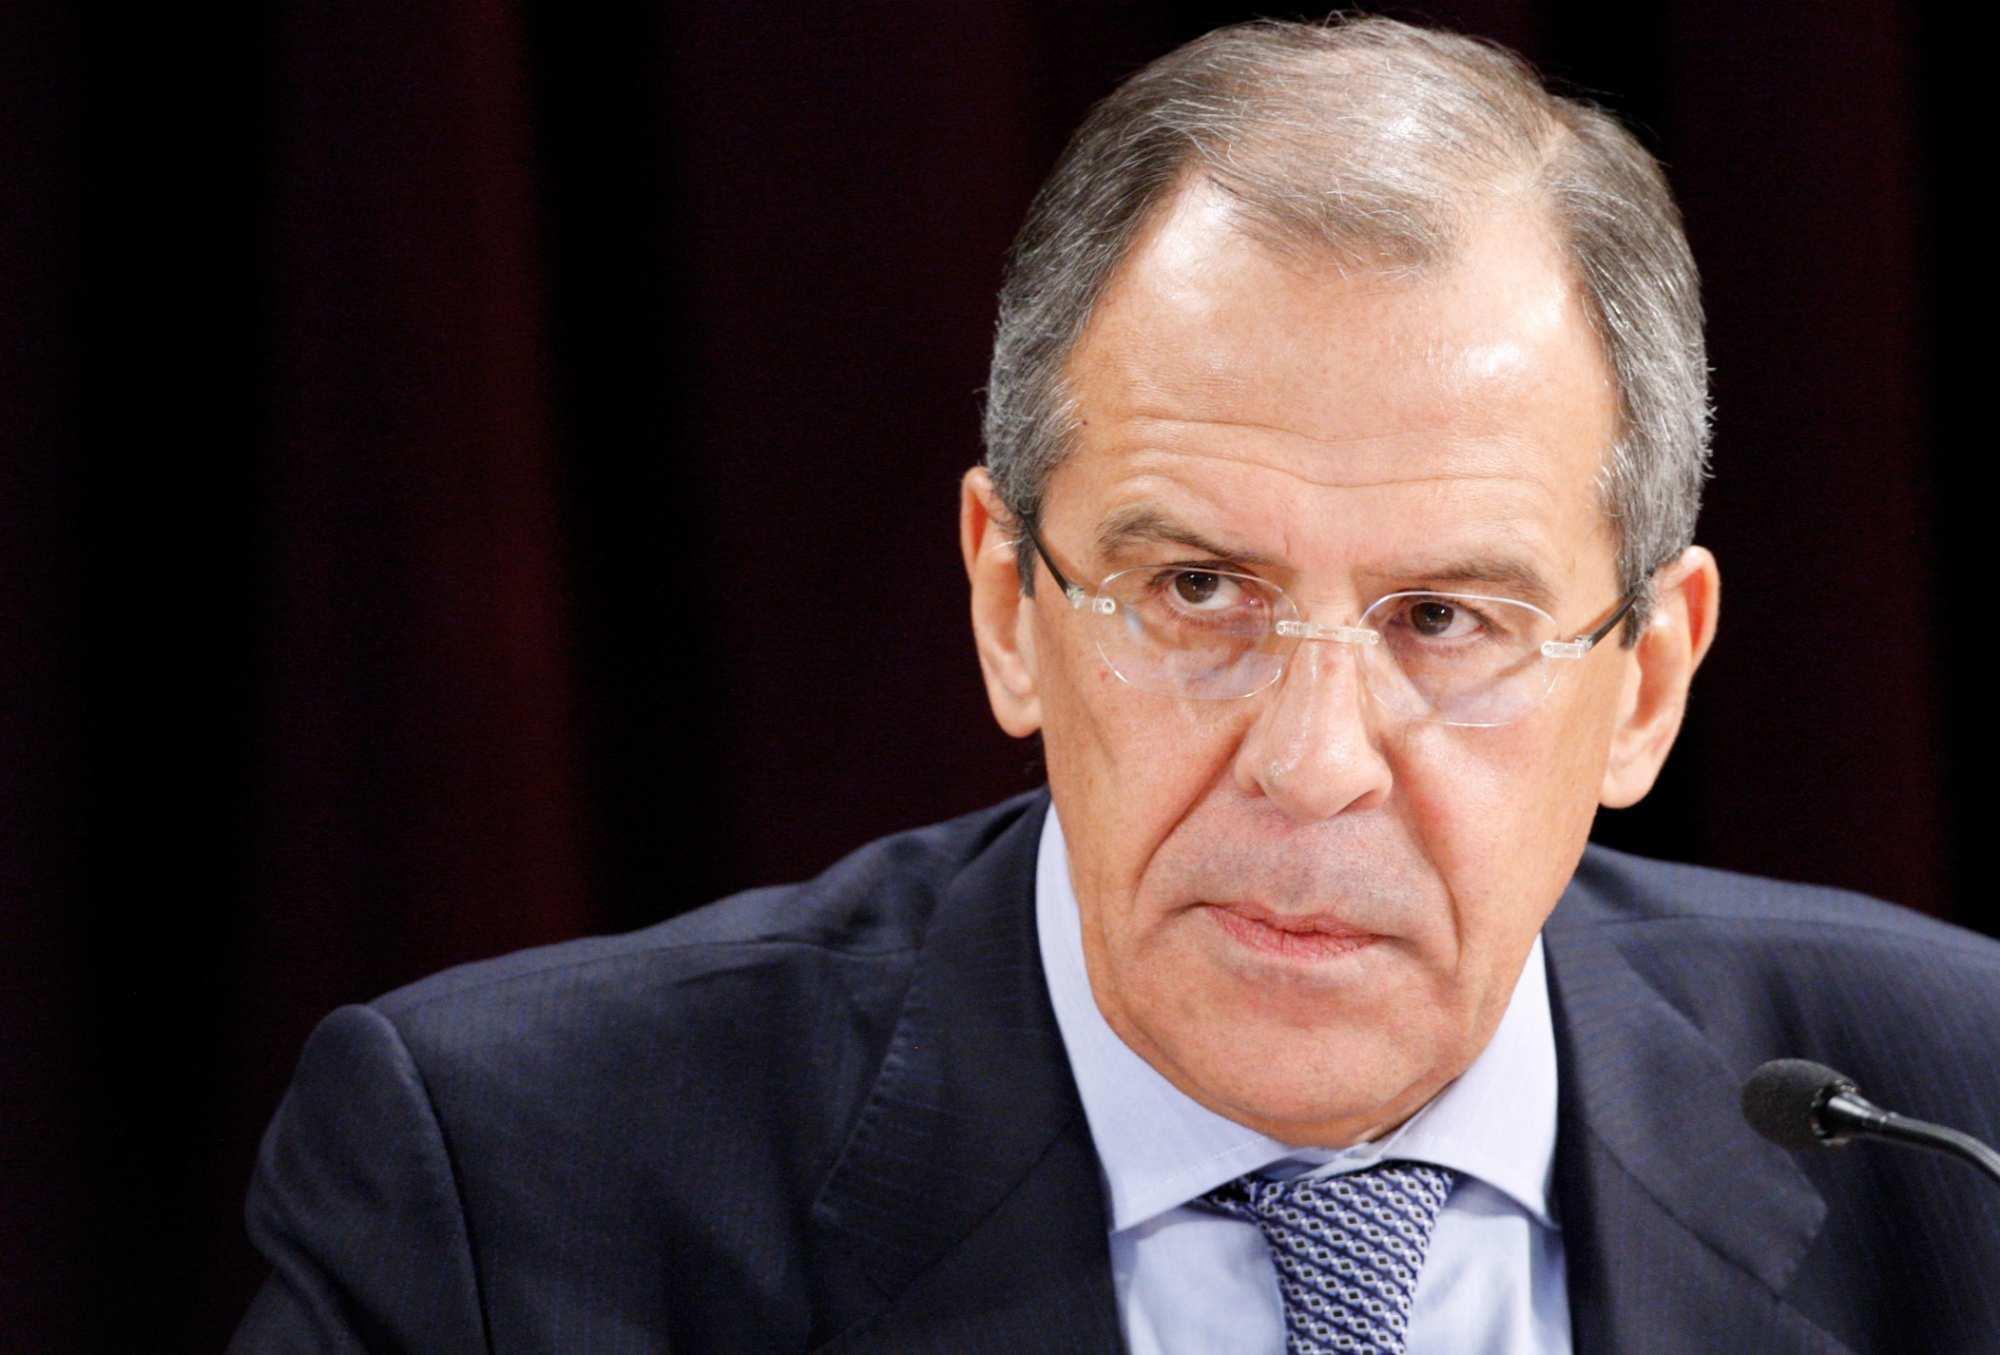 Лавров: Нельзя делить террористов на «хороших» и «плохих» | Русская весна